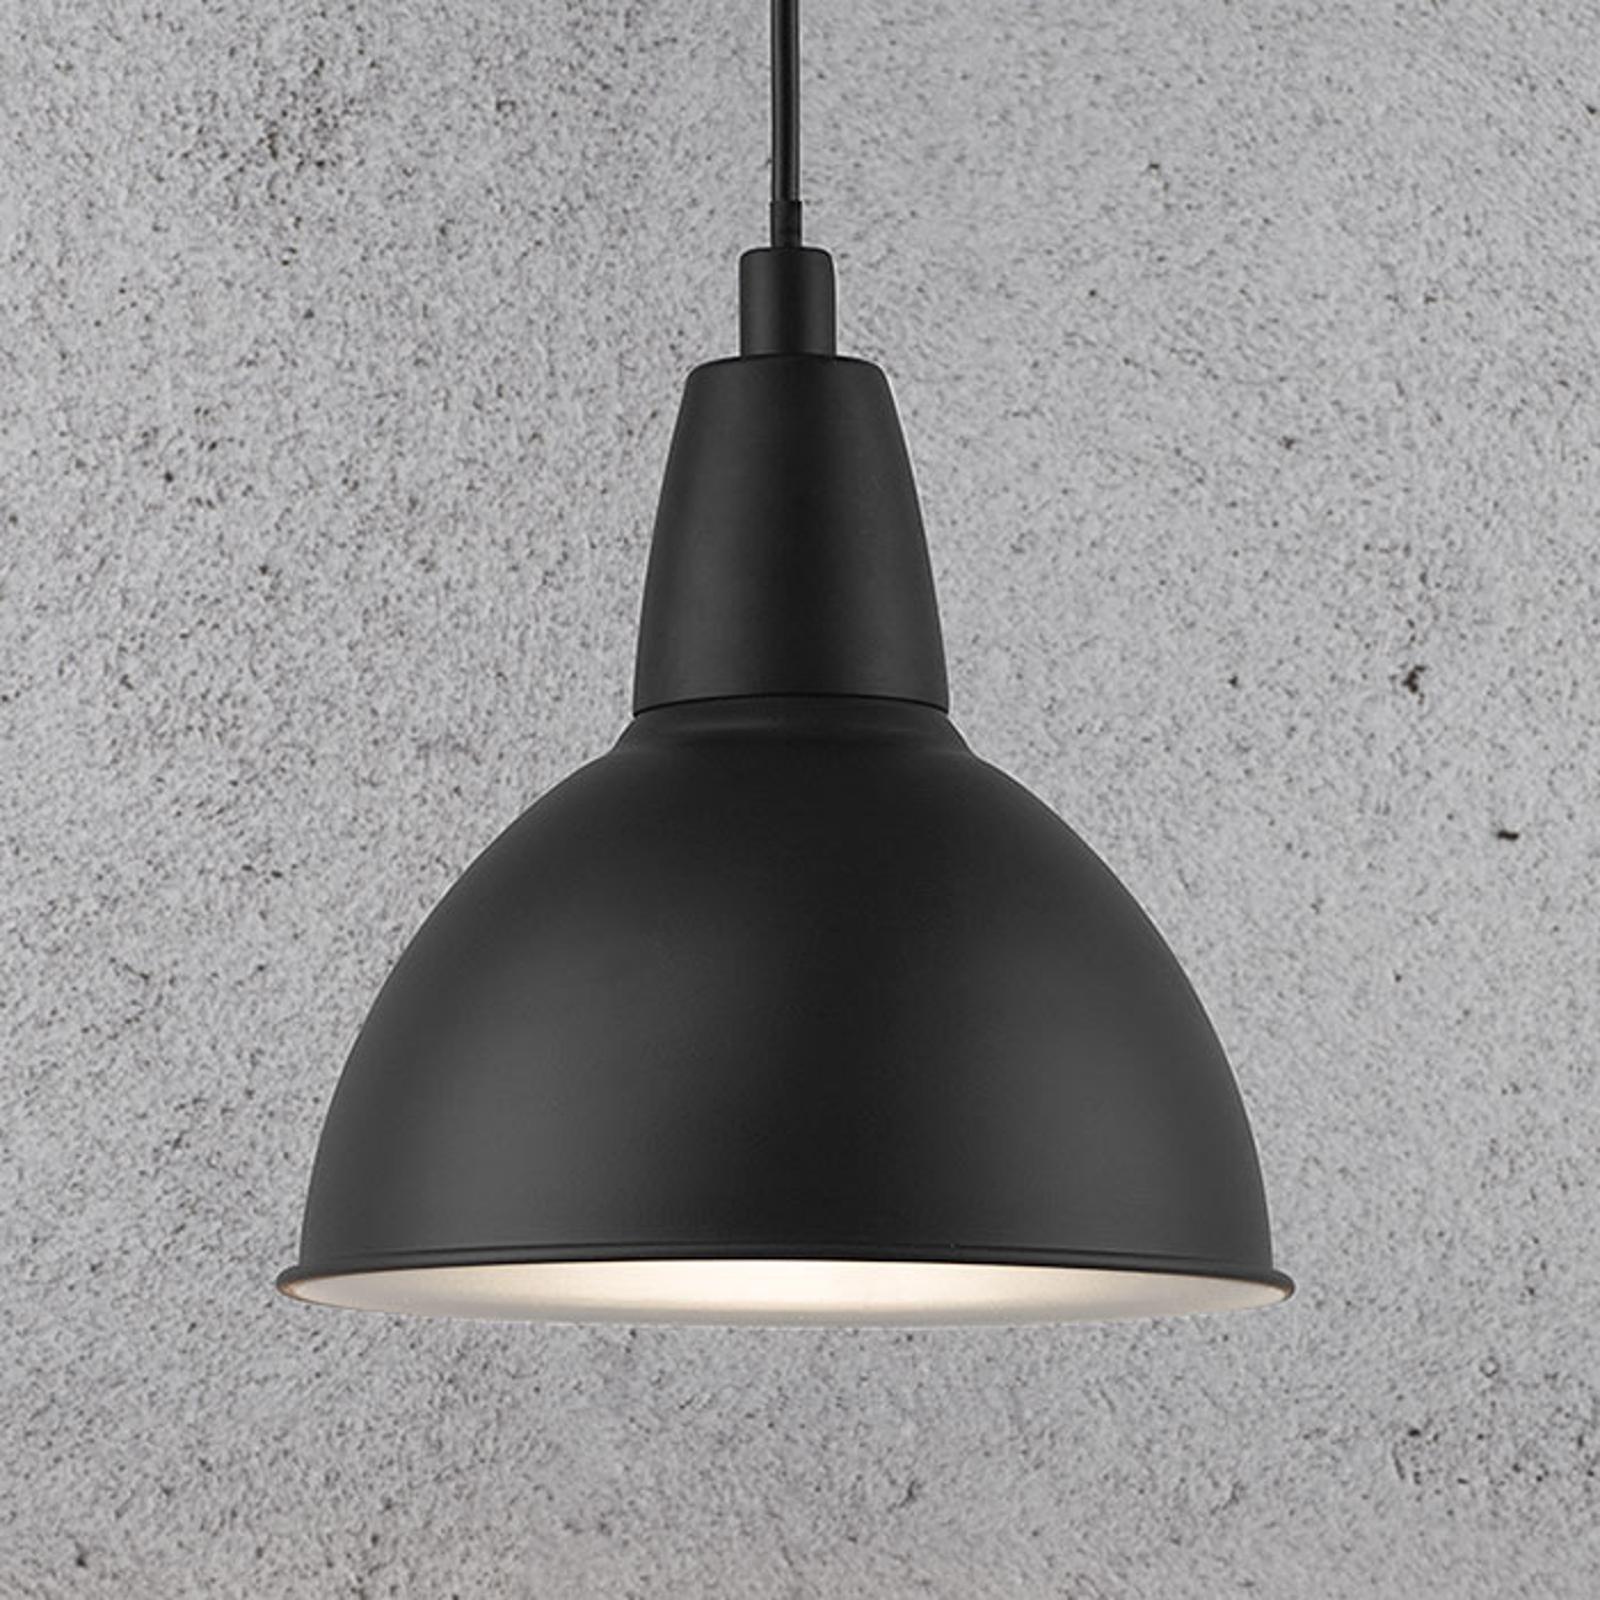 Lampa wisząca Trude z metalowym kloszem, czarna